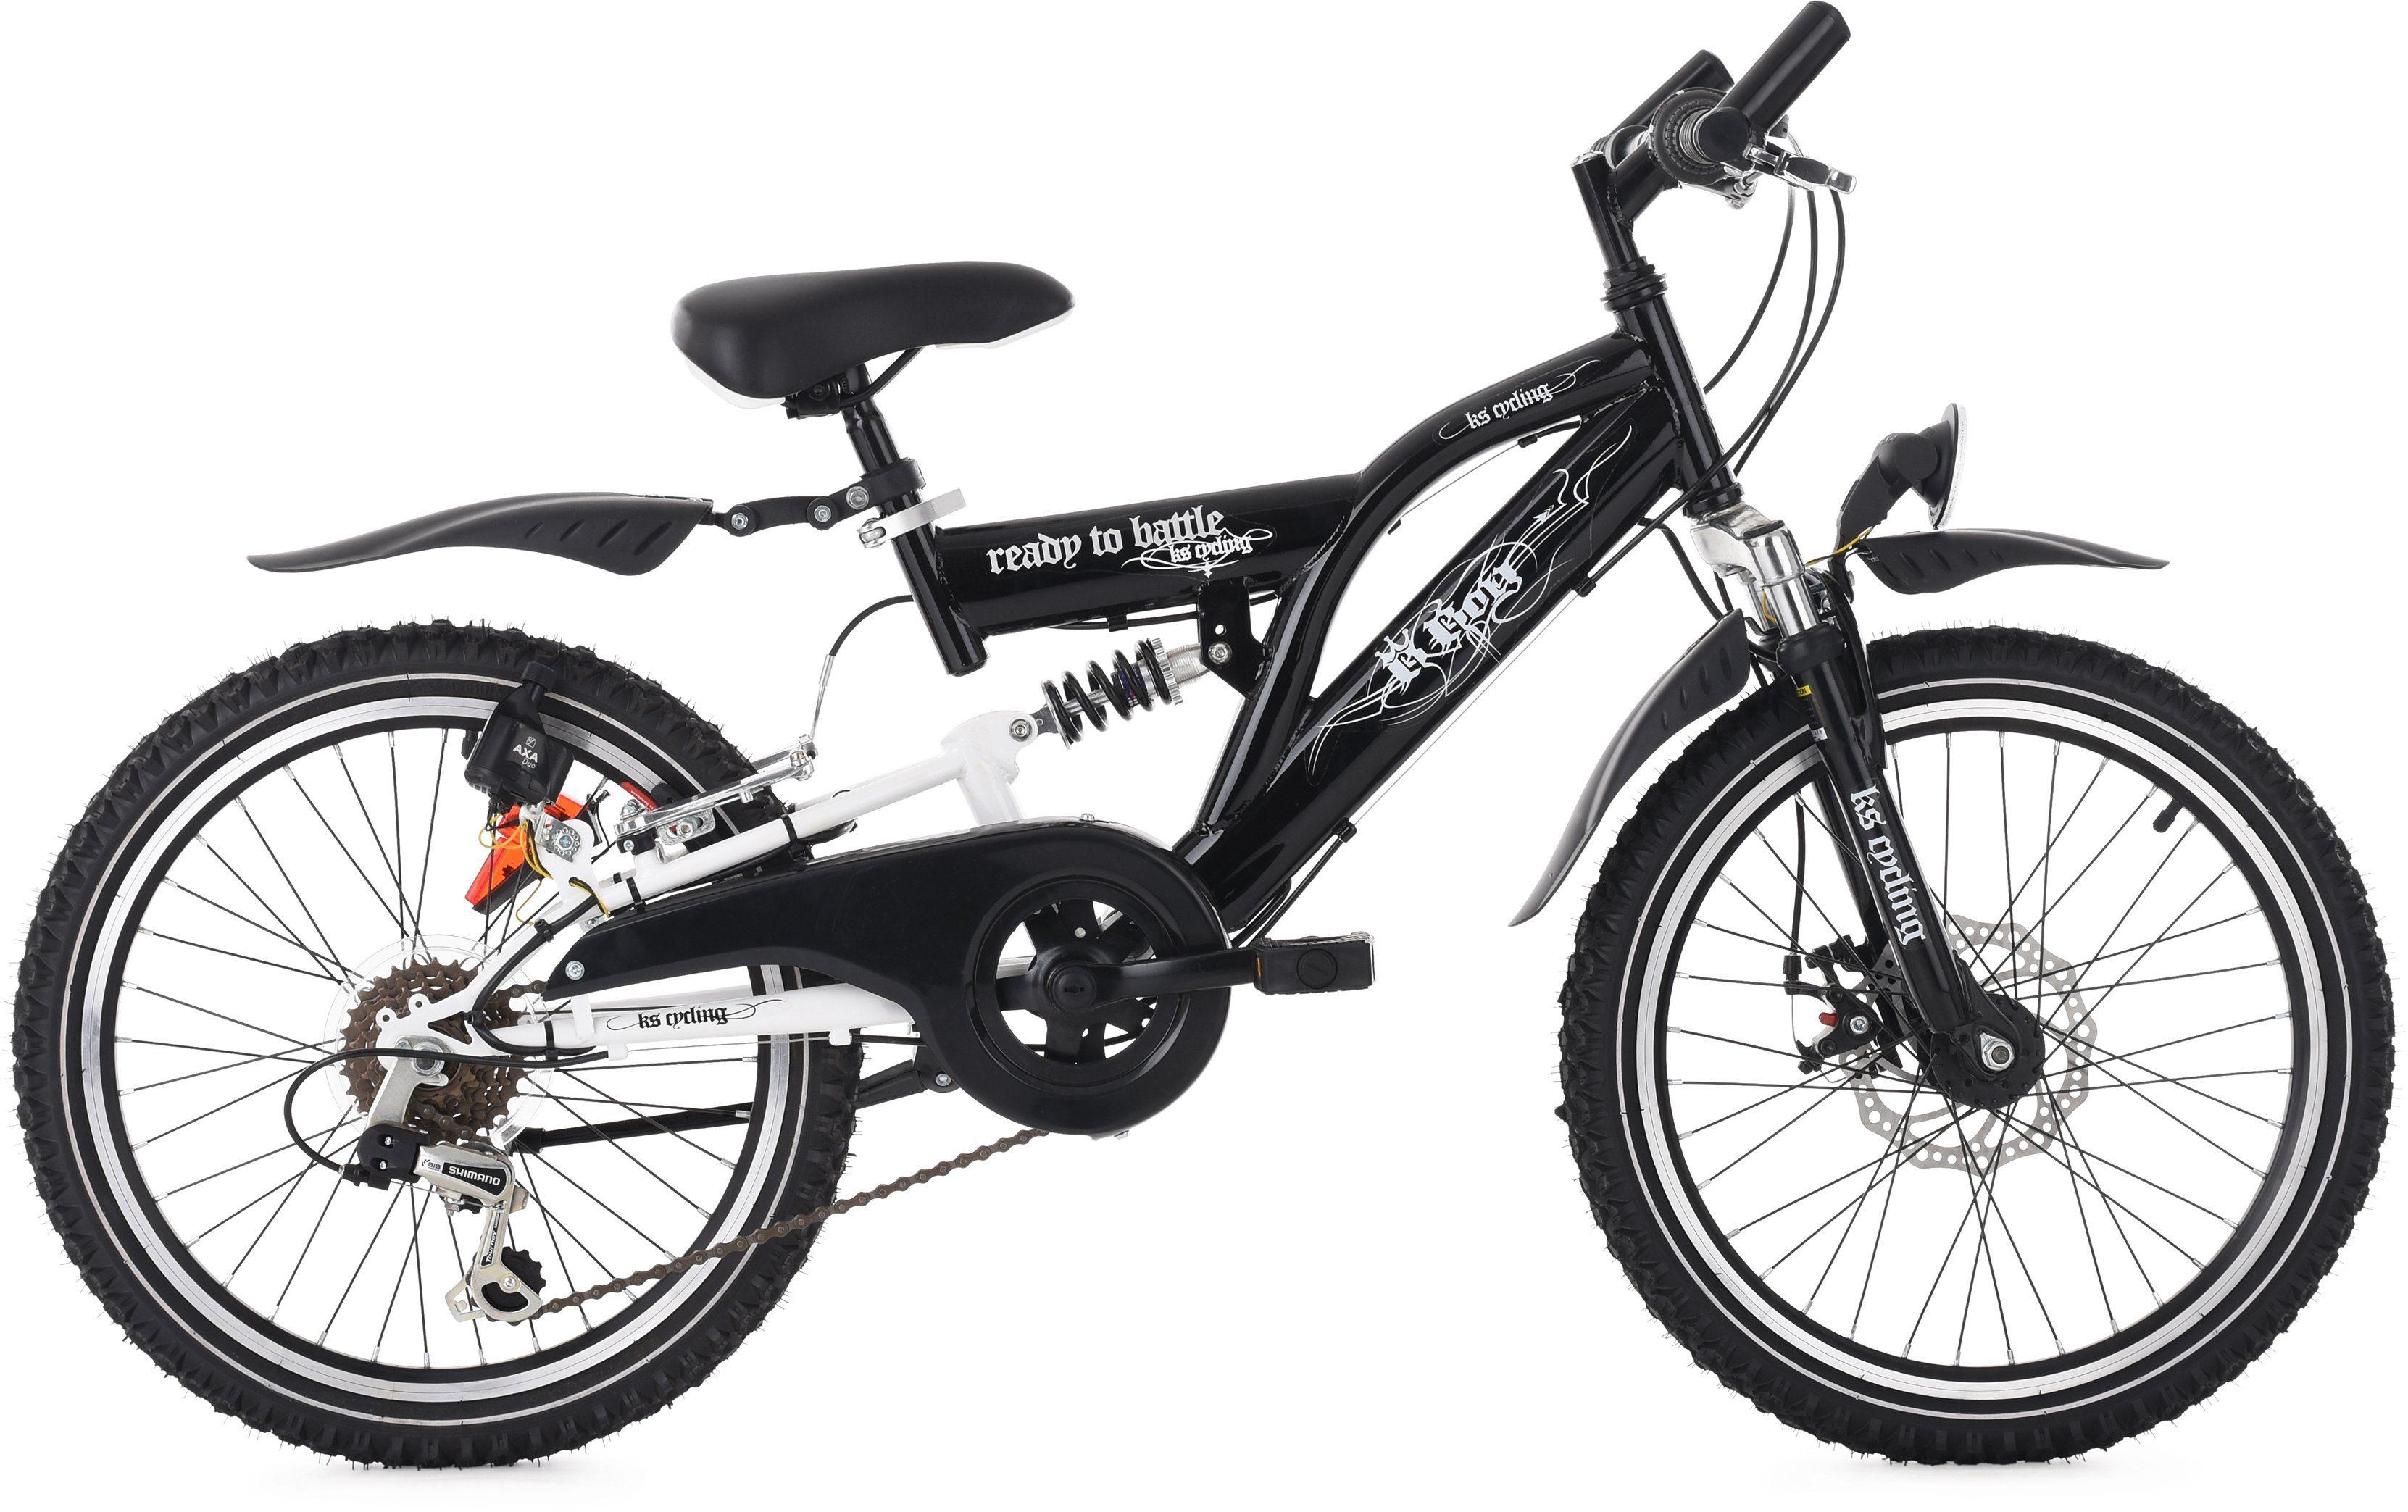 KS Cycling Jugendfahrrad »B-Boy«, 6 Gang Shimano Tourney Schaltwerk, Kettenschaltung